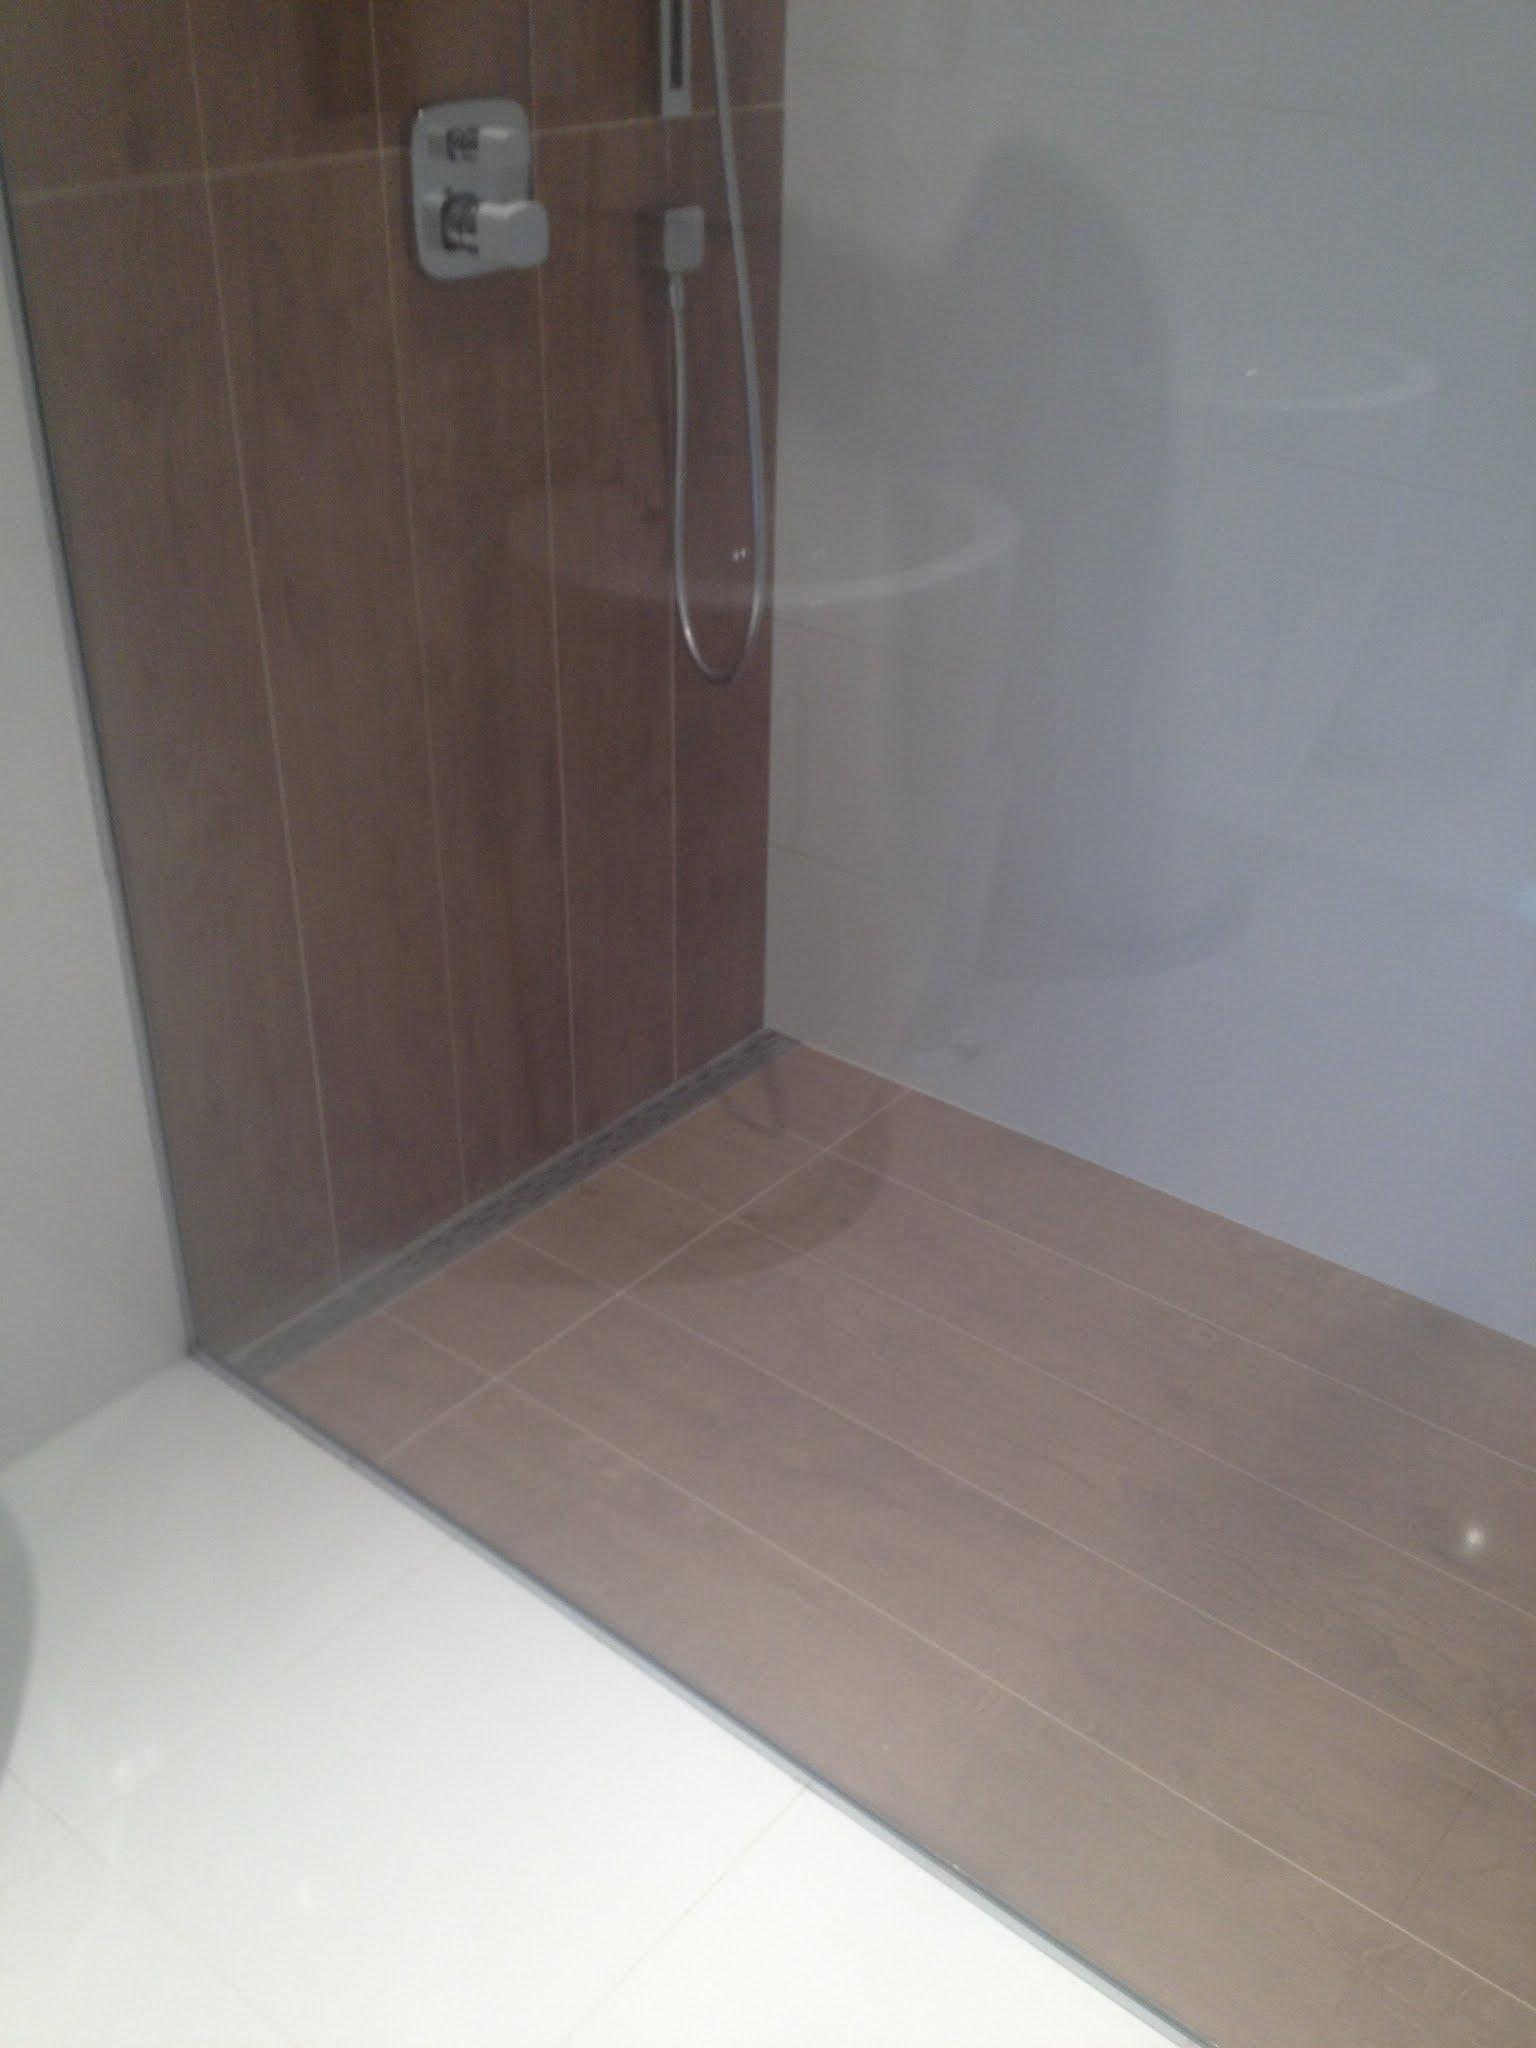 R alisation d 39 une salle de bain avec carrelage aspect bois vasque poser c ramique douche for Poser une douche italienne